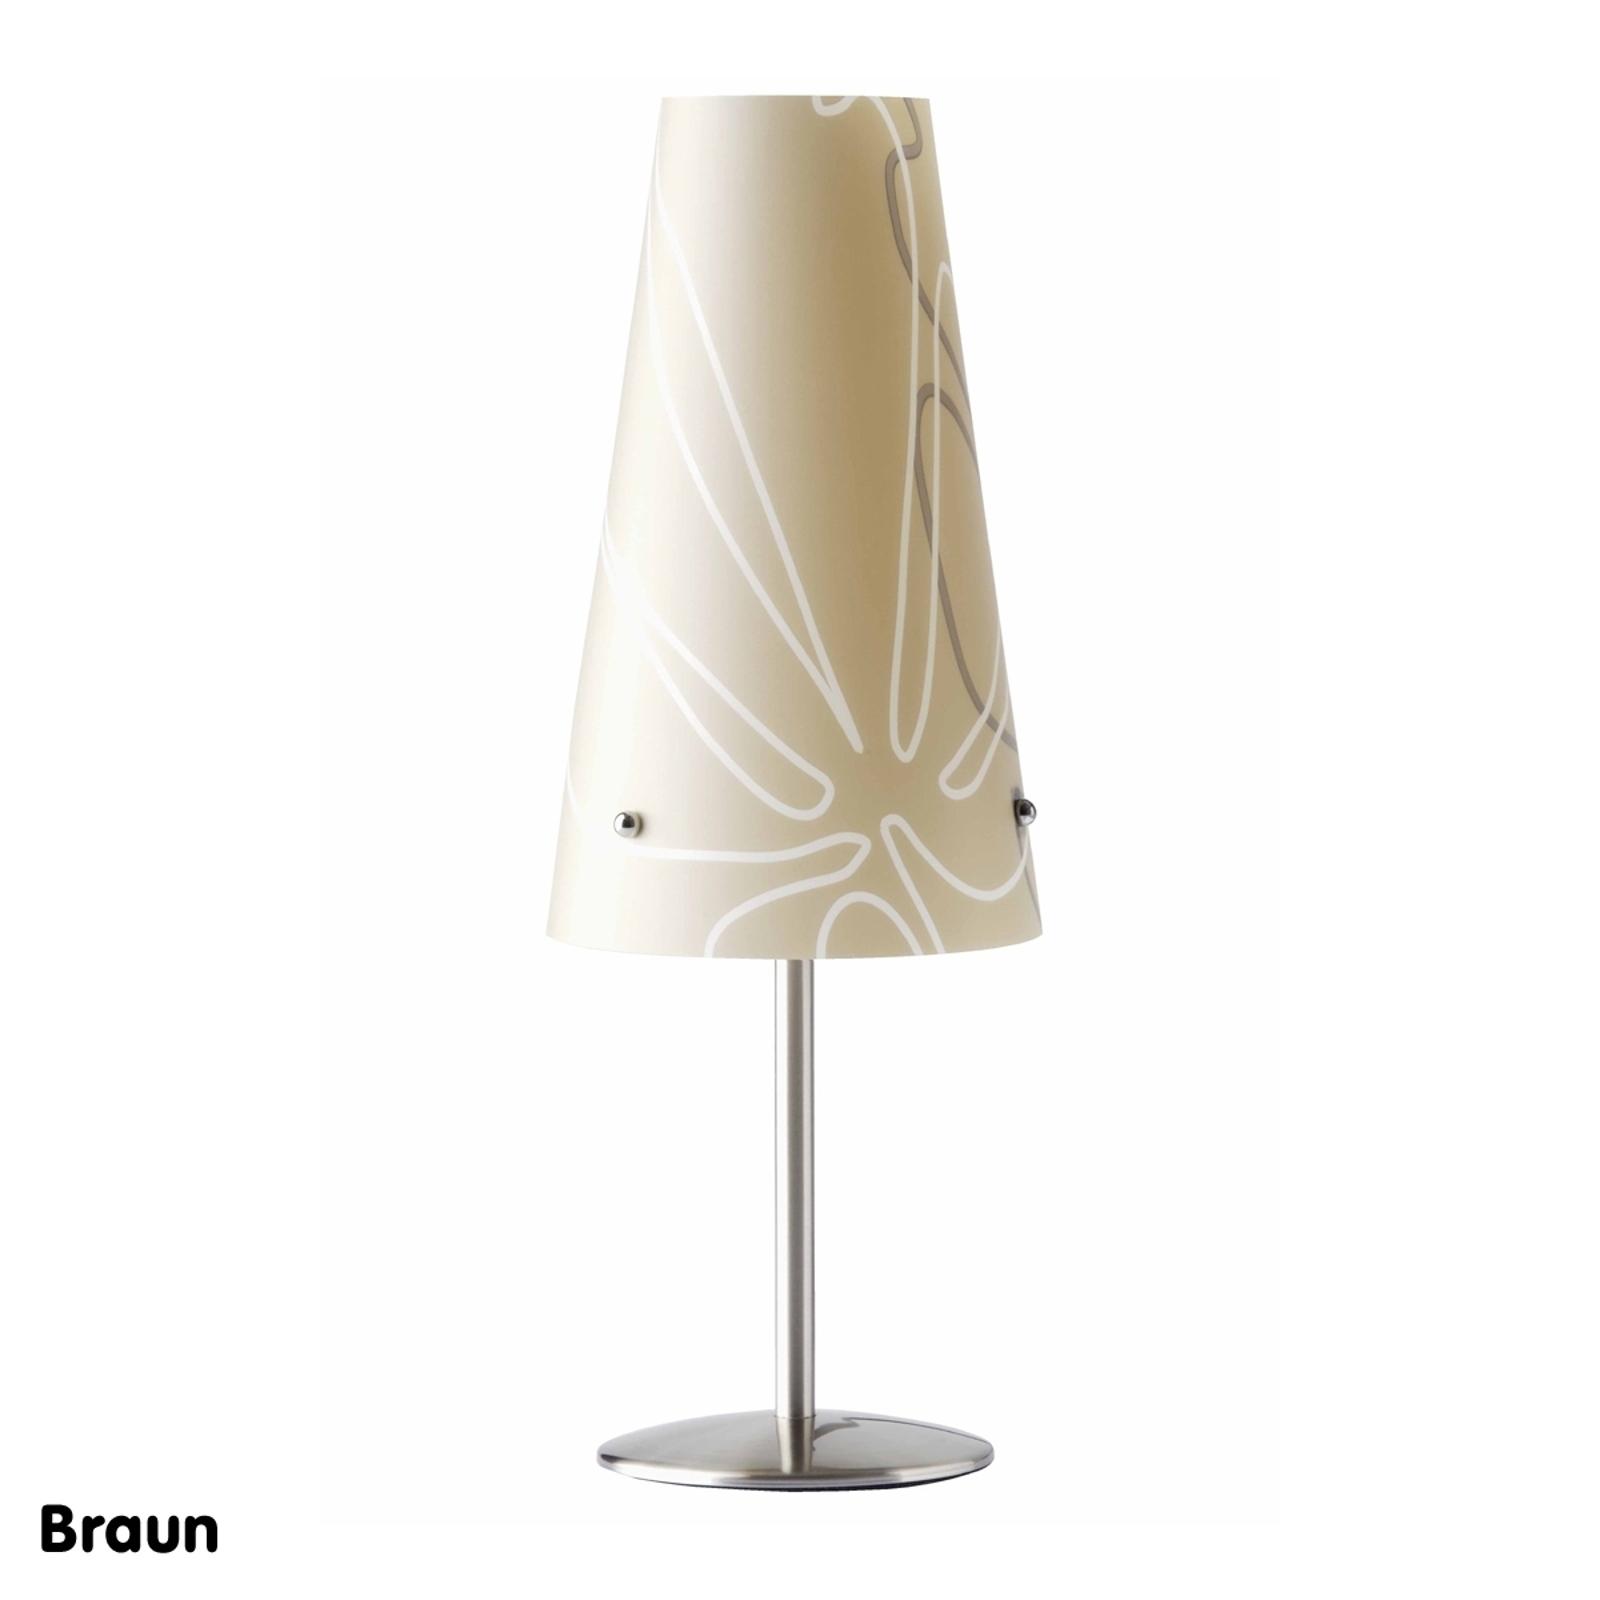 Brun Isi bordlampe